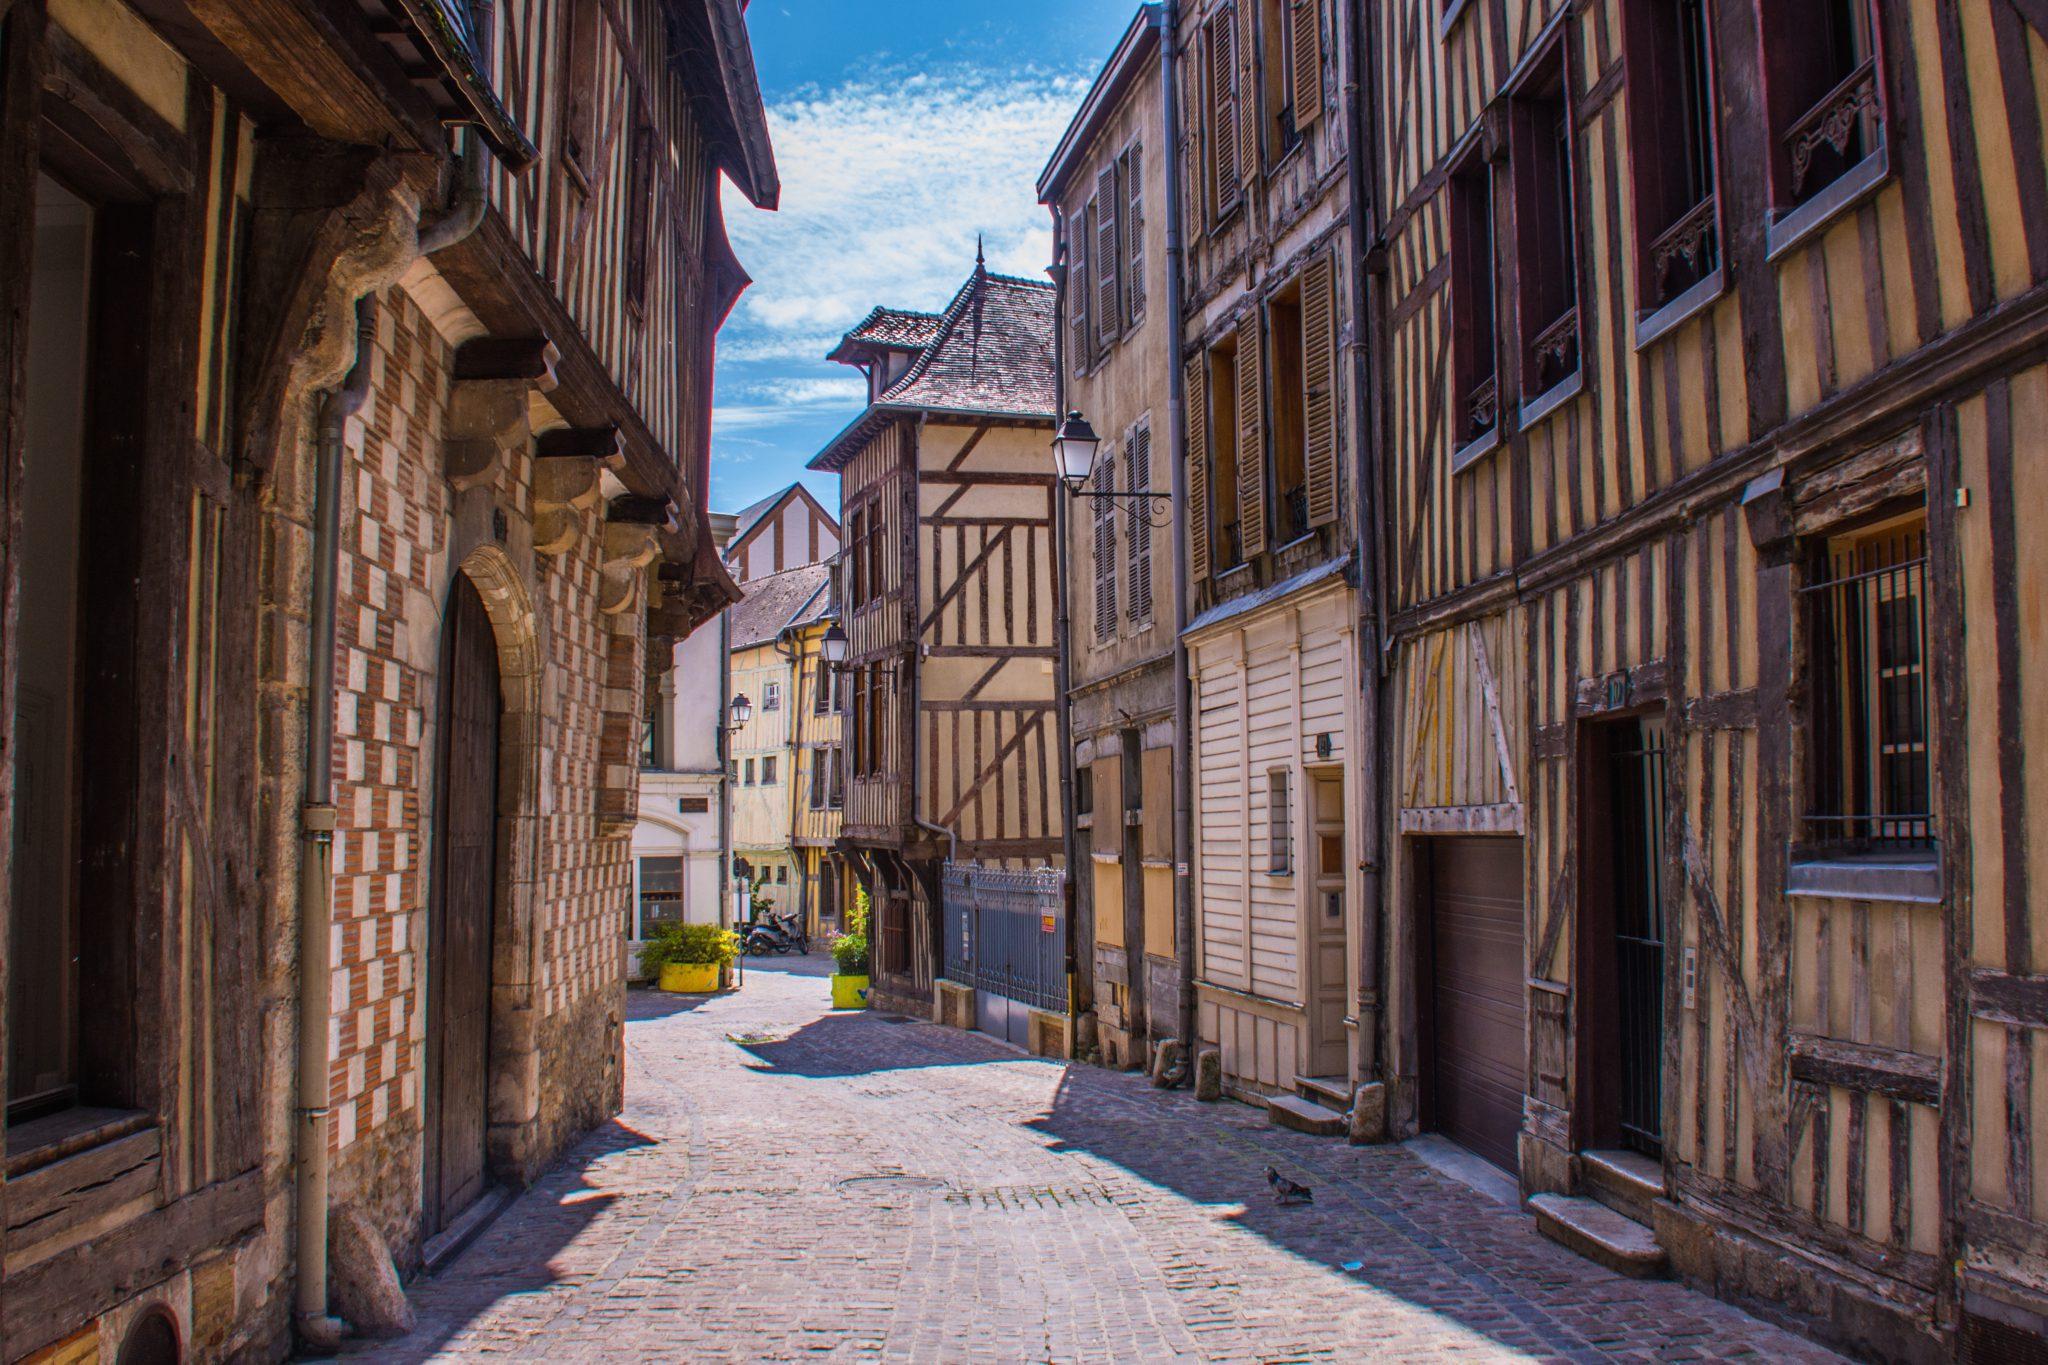 Kleine middeleeuwse steegjes bepalen het straatbeeld van Troyes.